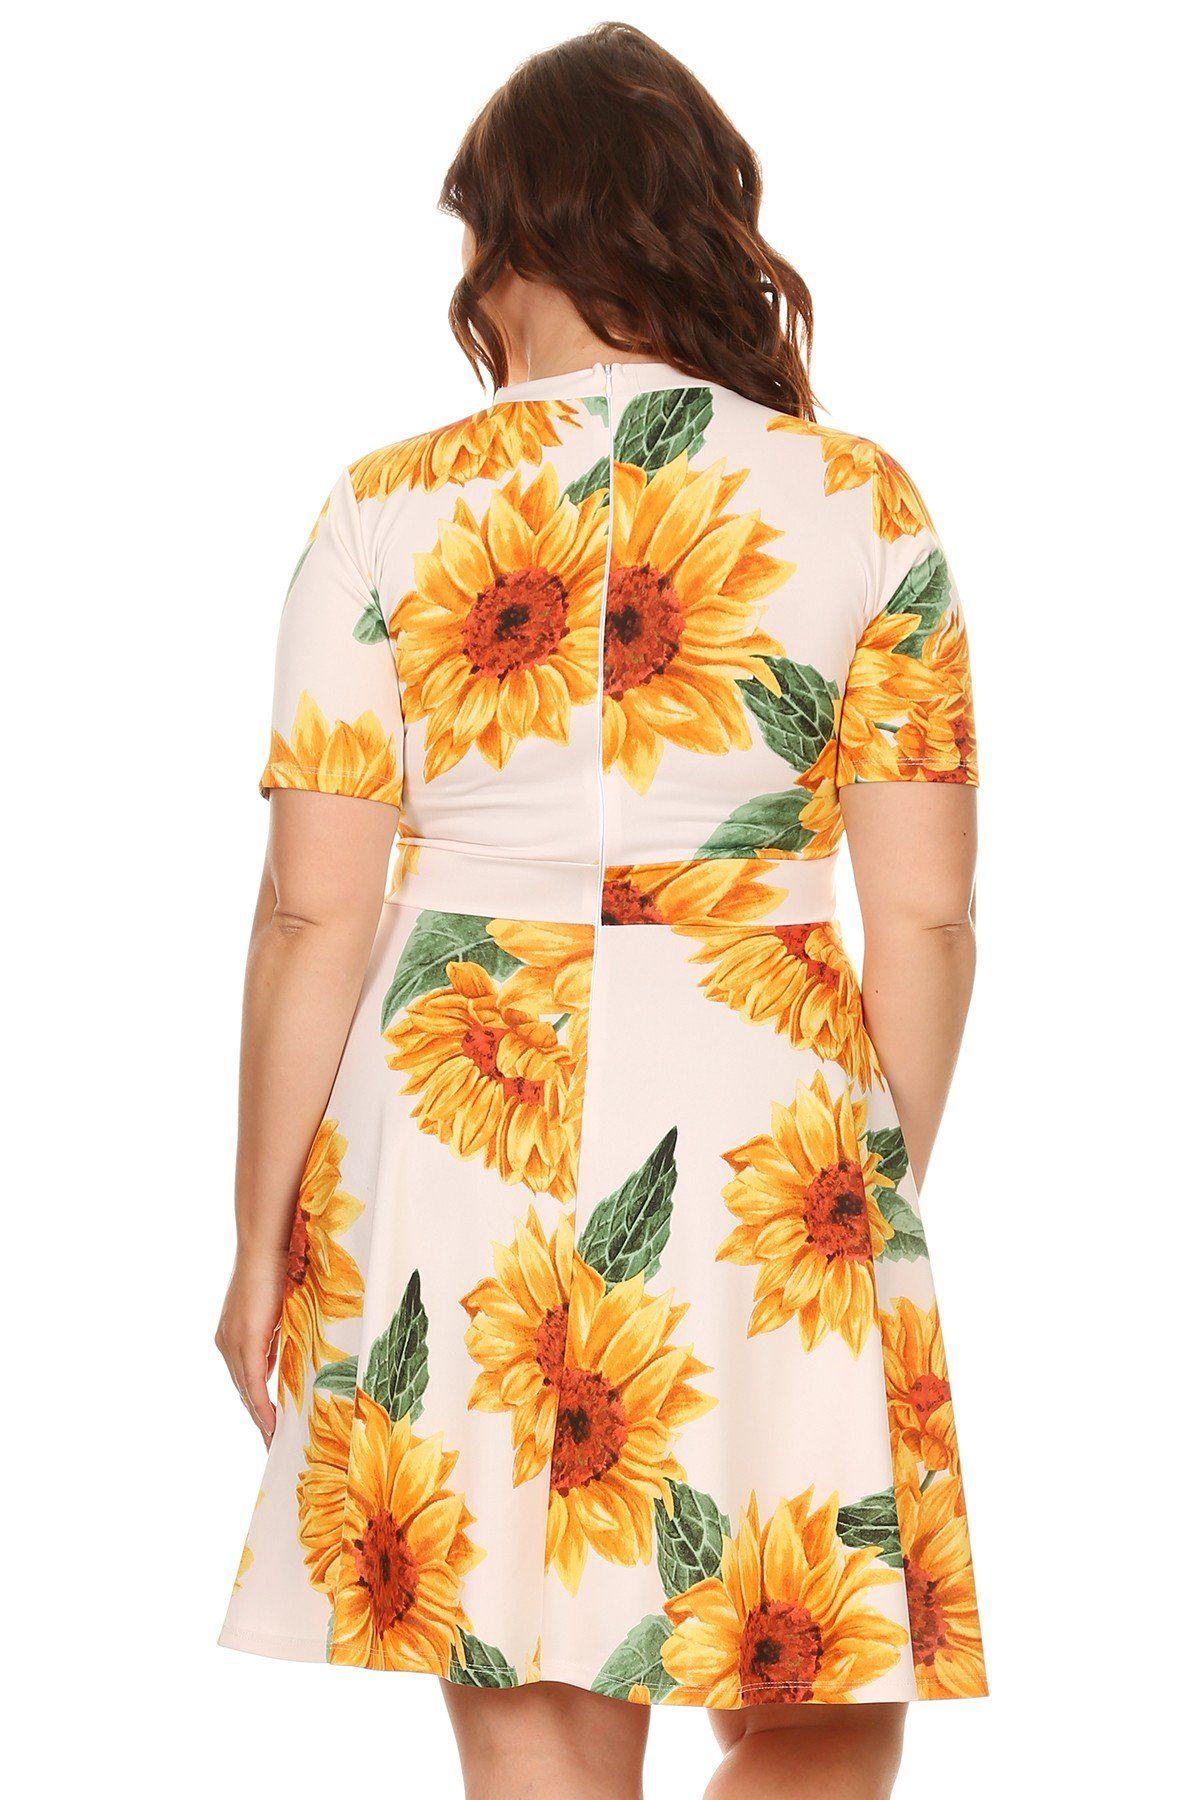 Sunflower Midi Dress Dresses Midi Dress Clothes [ 1800 x 1200 Pixel ]